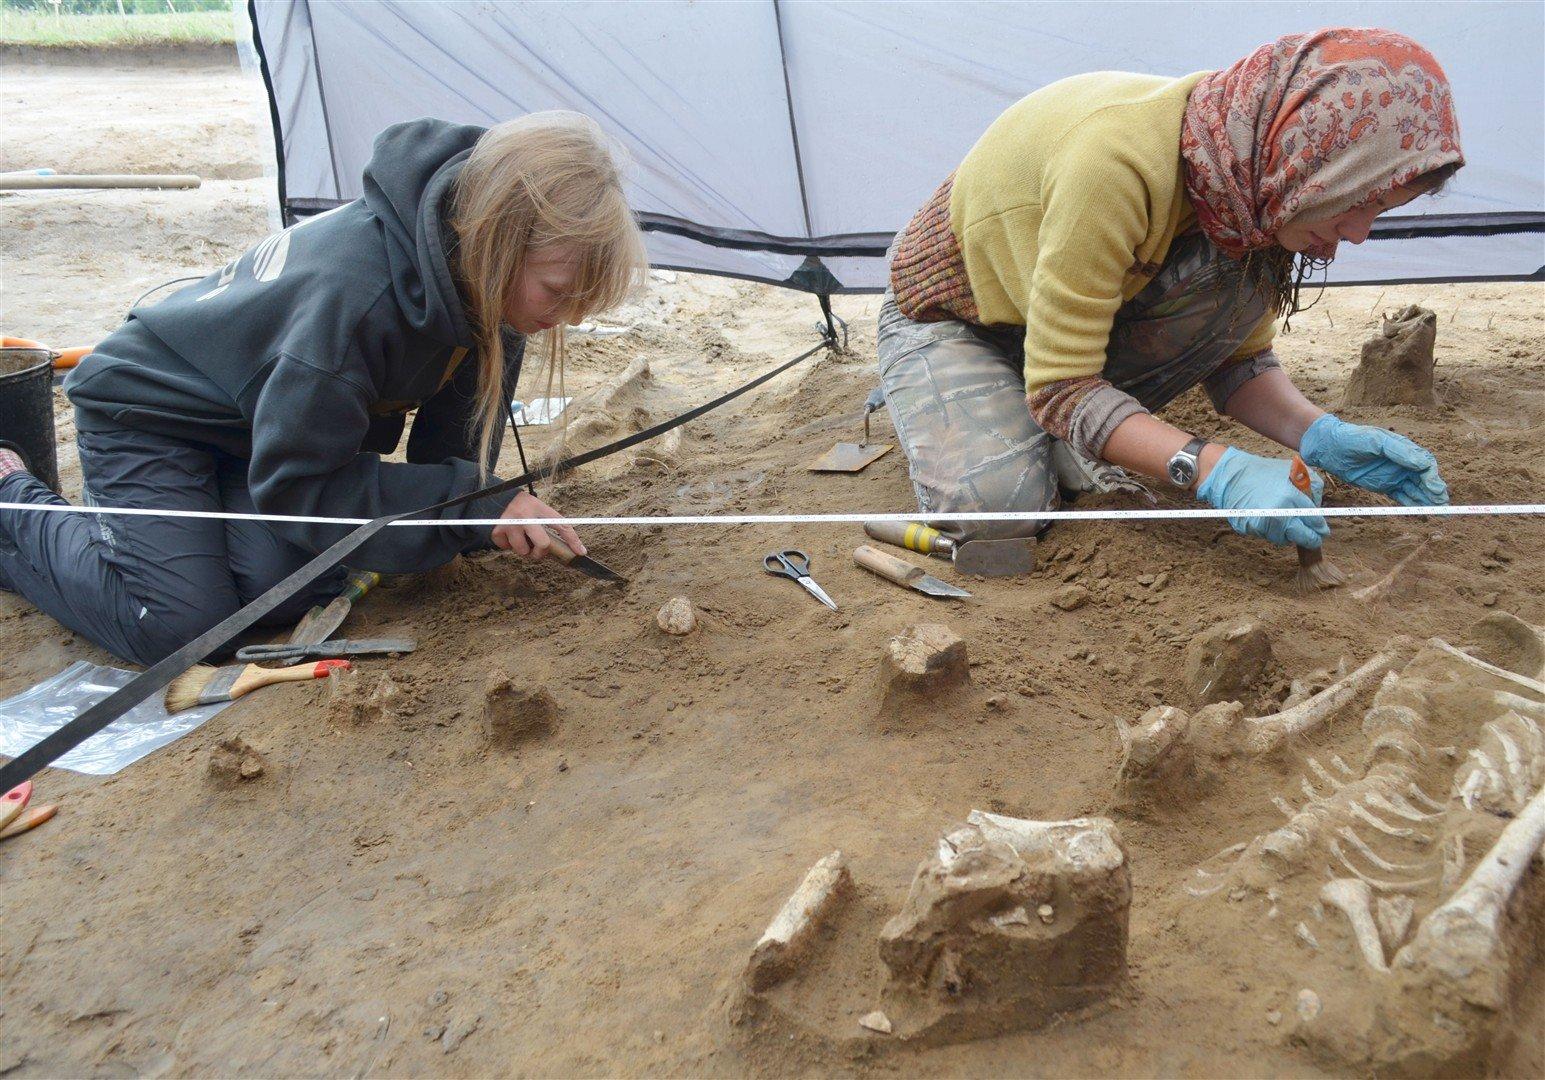 Студенты КемГУ обнаружили курган с захоронениями людей новокаменного века